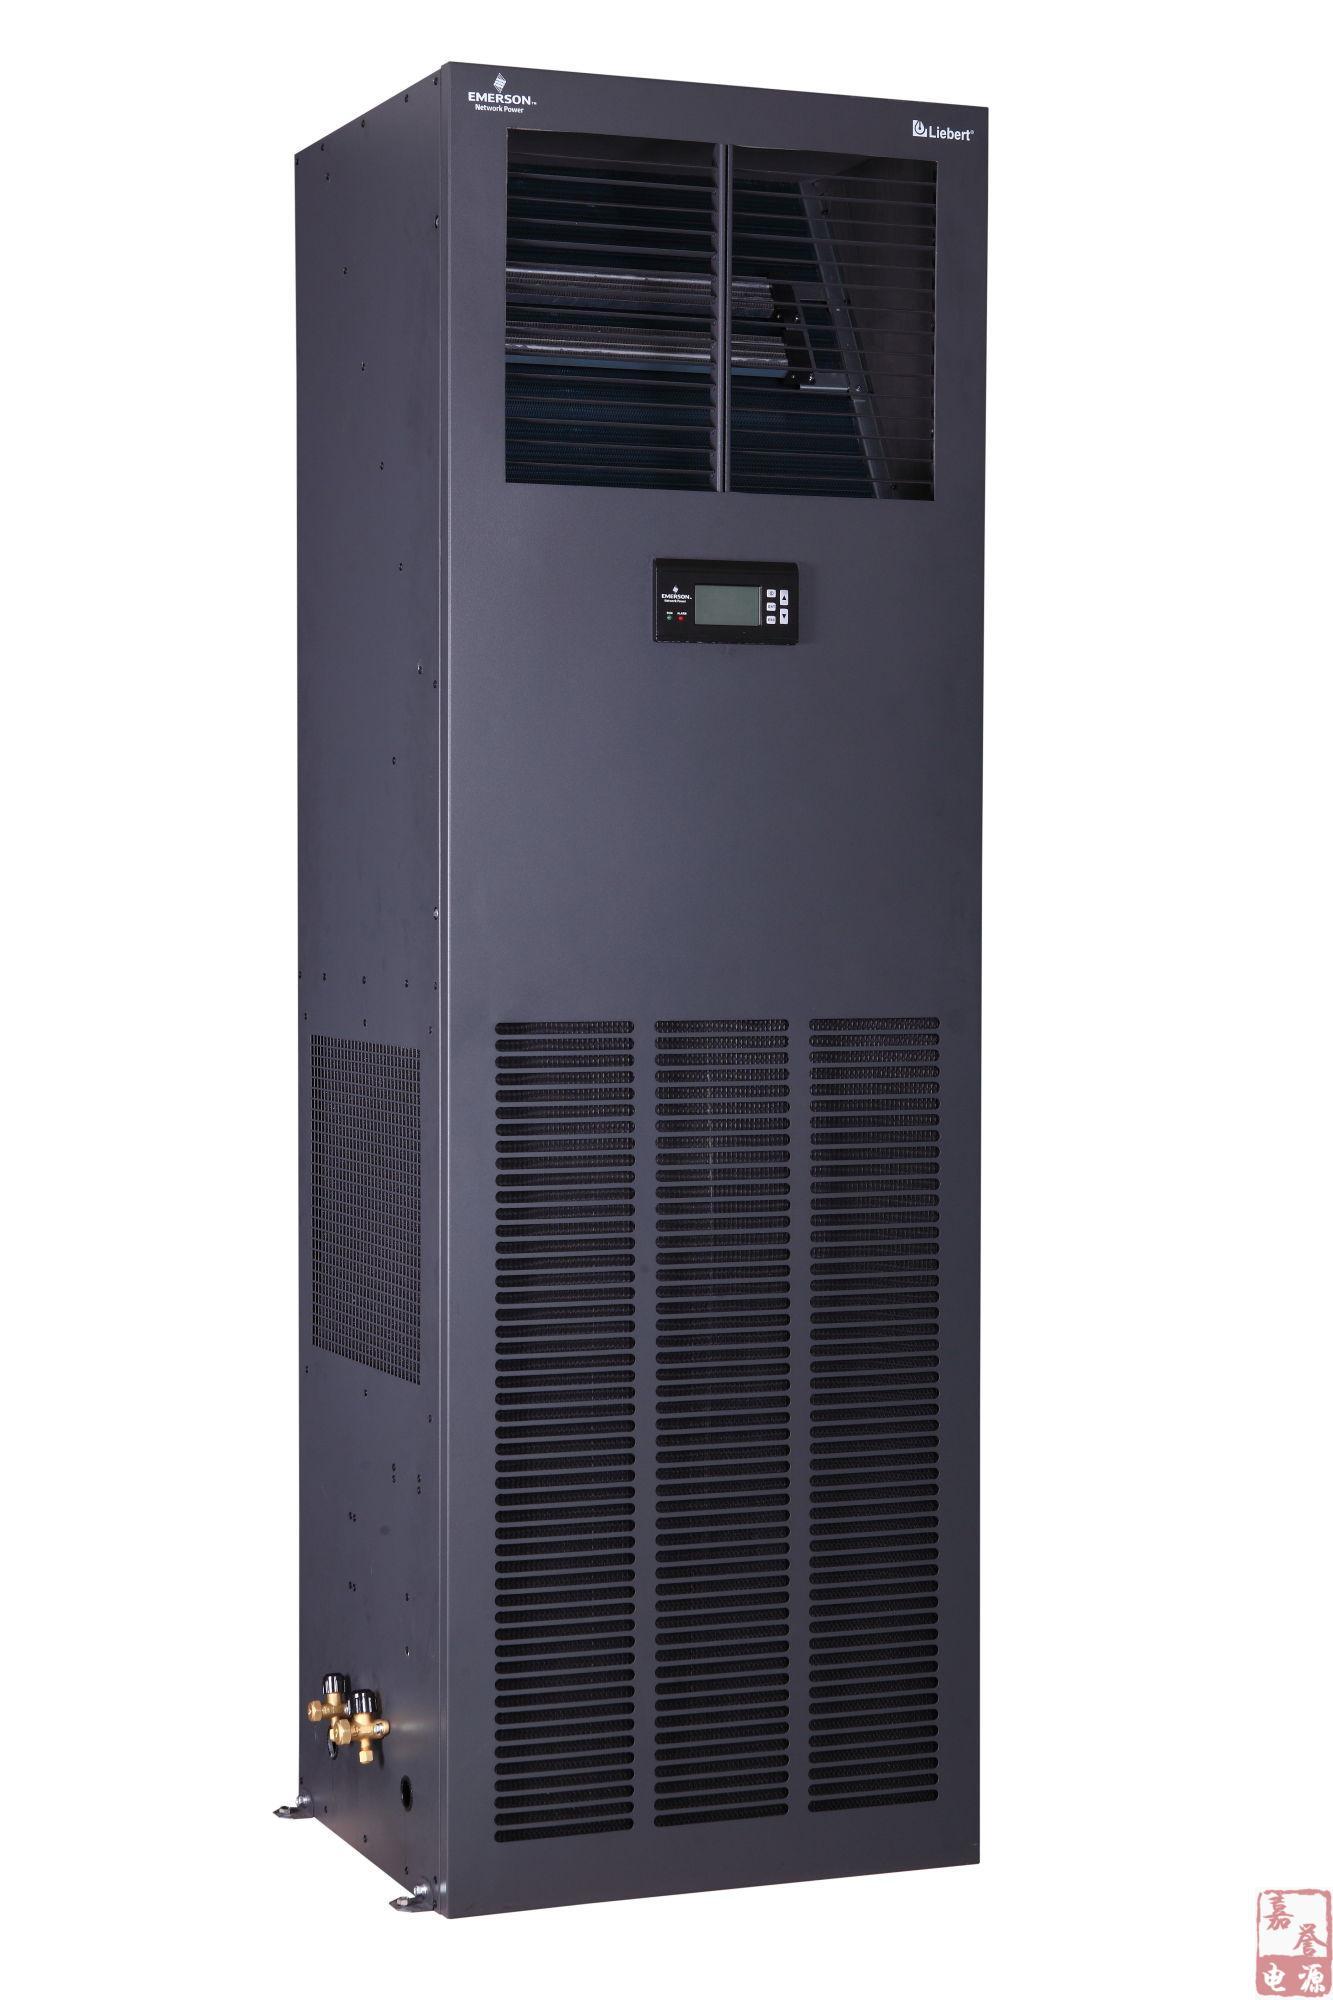 内蒙古赤峰艾默生精密空调维修手册12.5KW单冷DME12MOP5